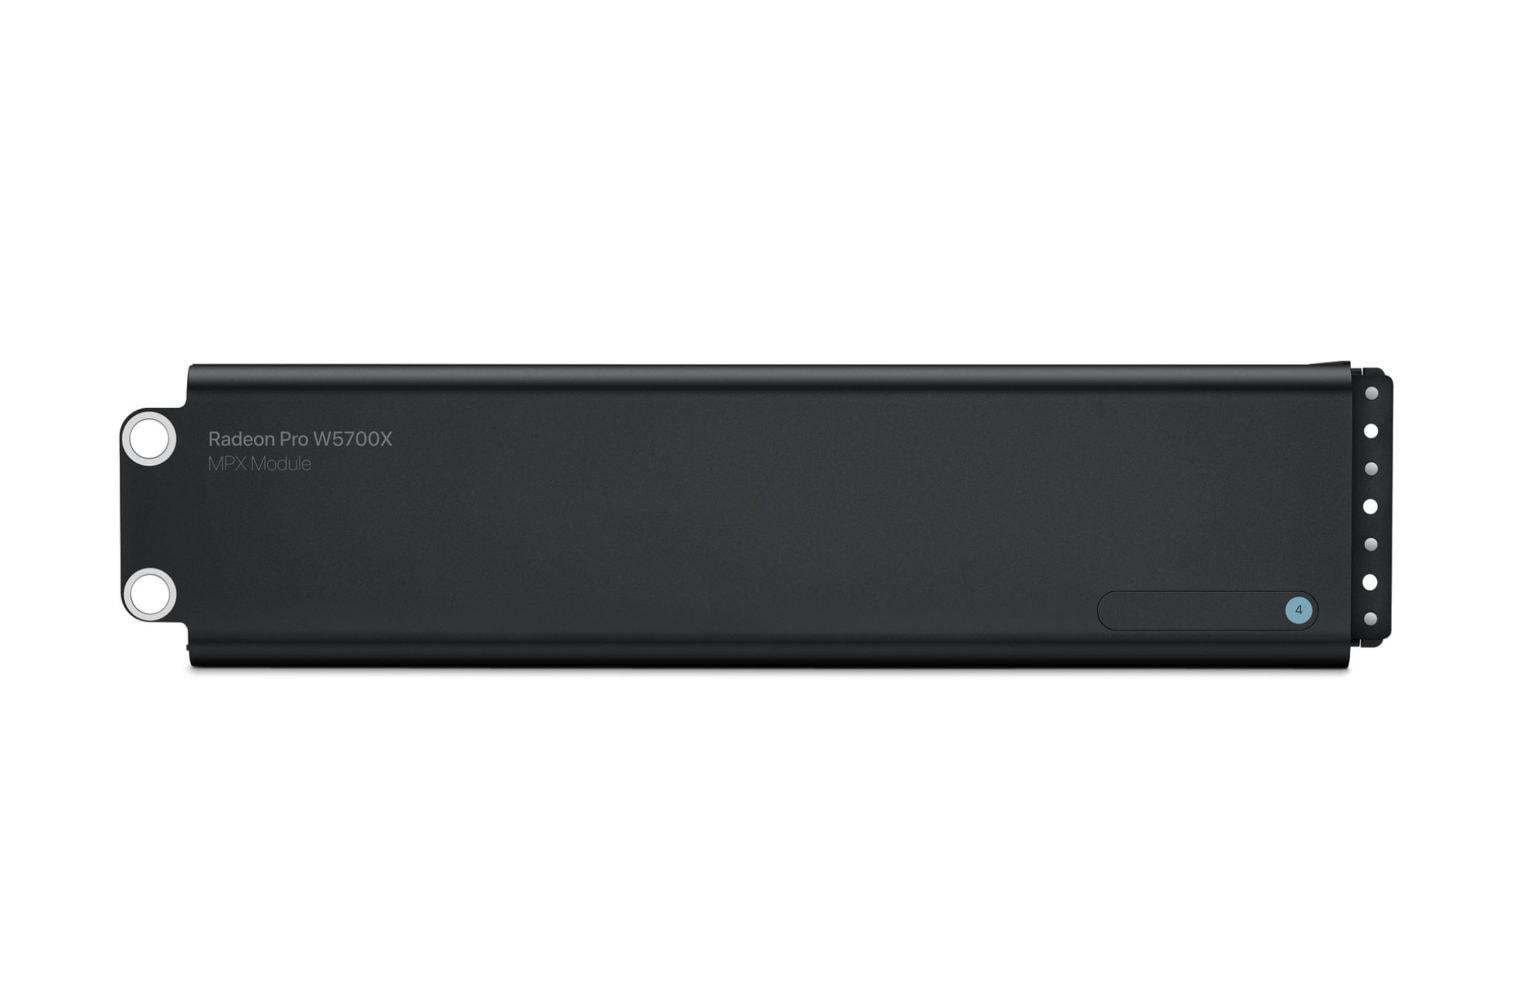 Mac-Pro-W5700X